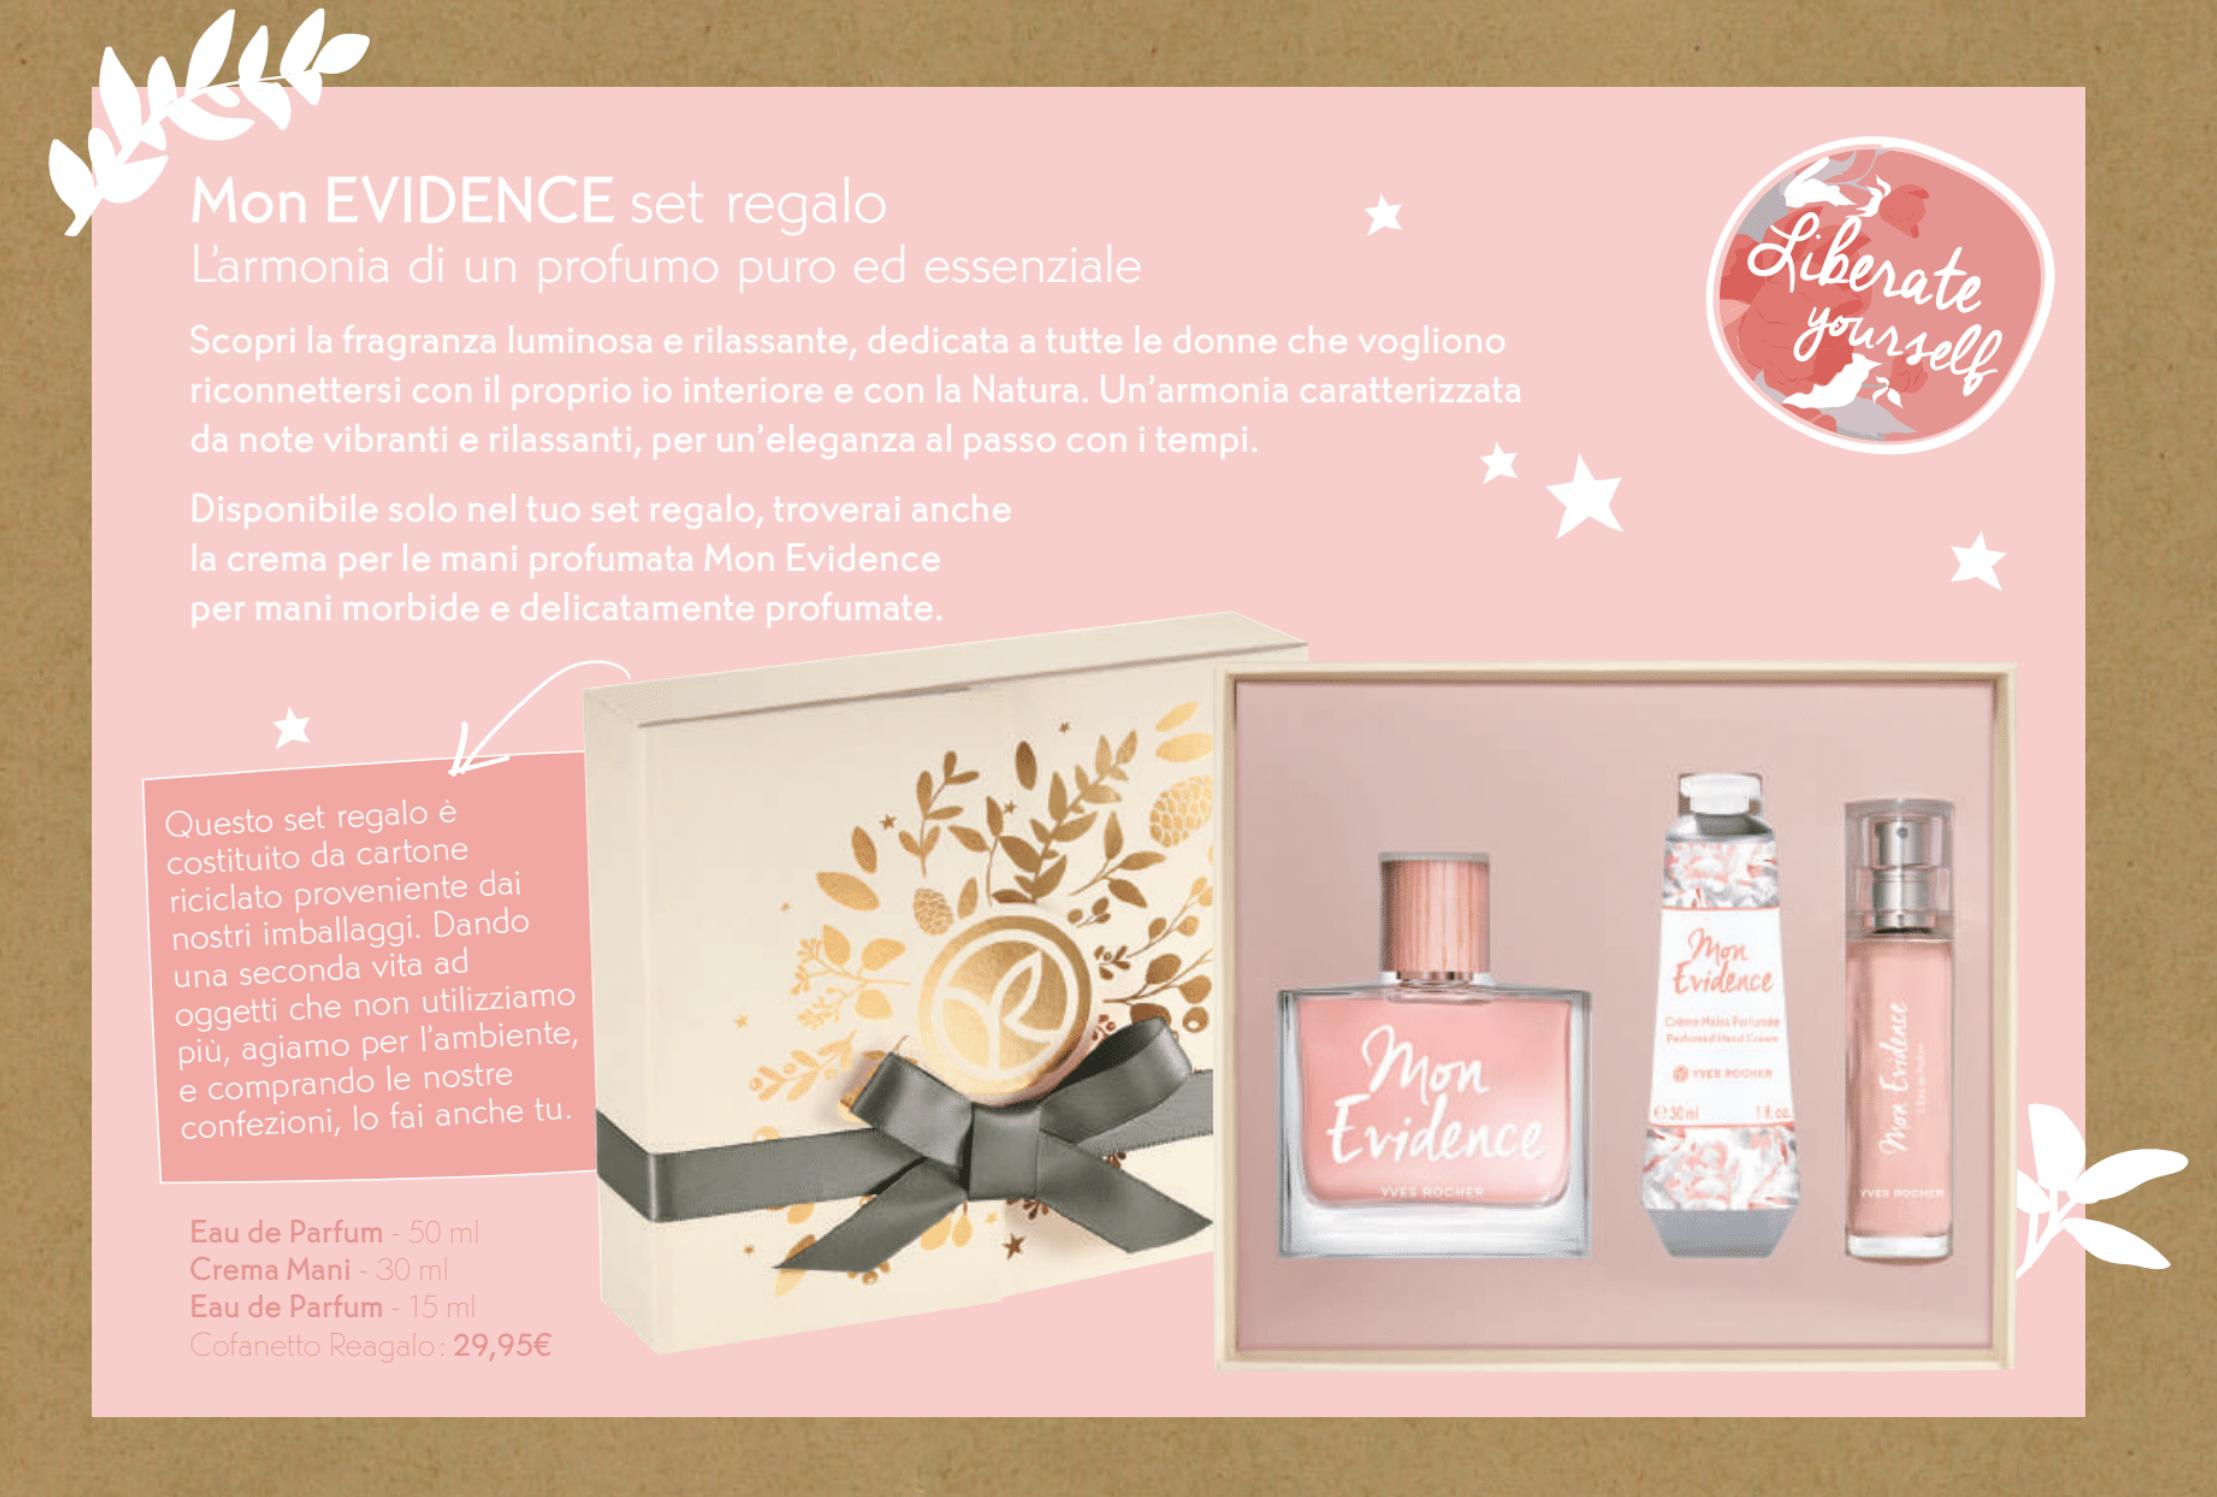 Il Natale Yves Rocher - Idee regalo, cofanetti, info, review, recensione, prezzo, cestini - Kit profumo Mon Evidence